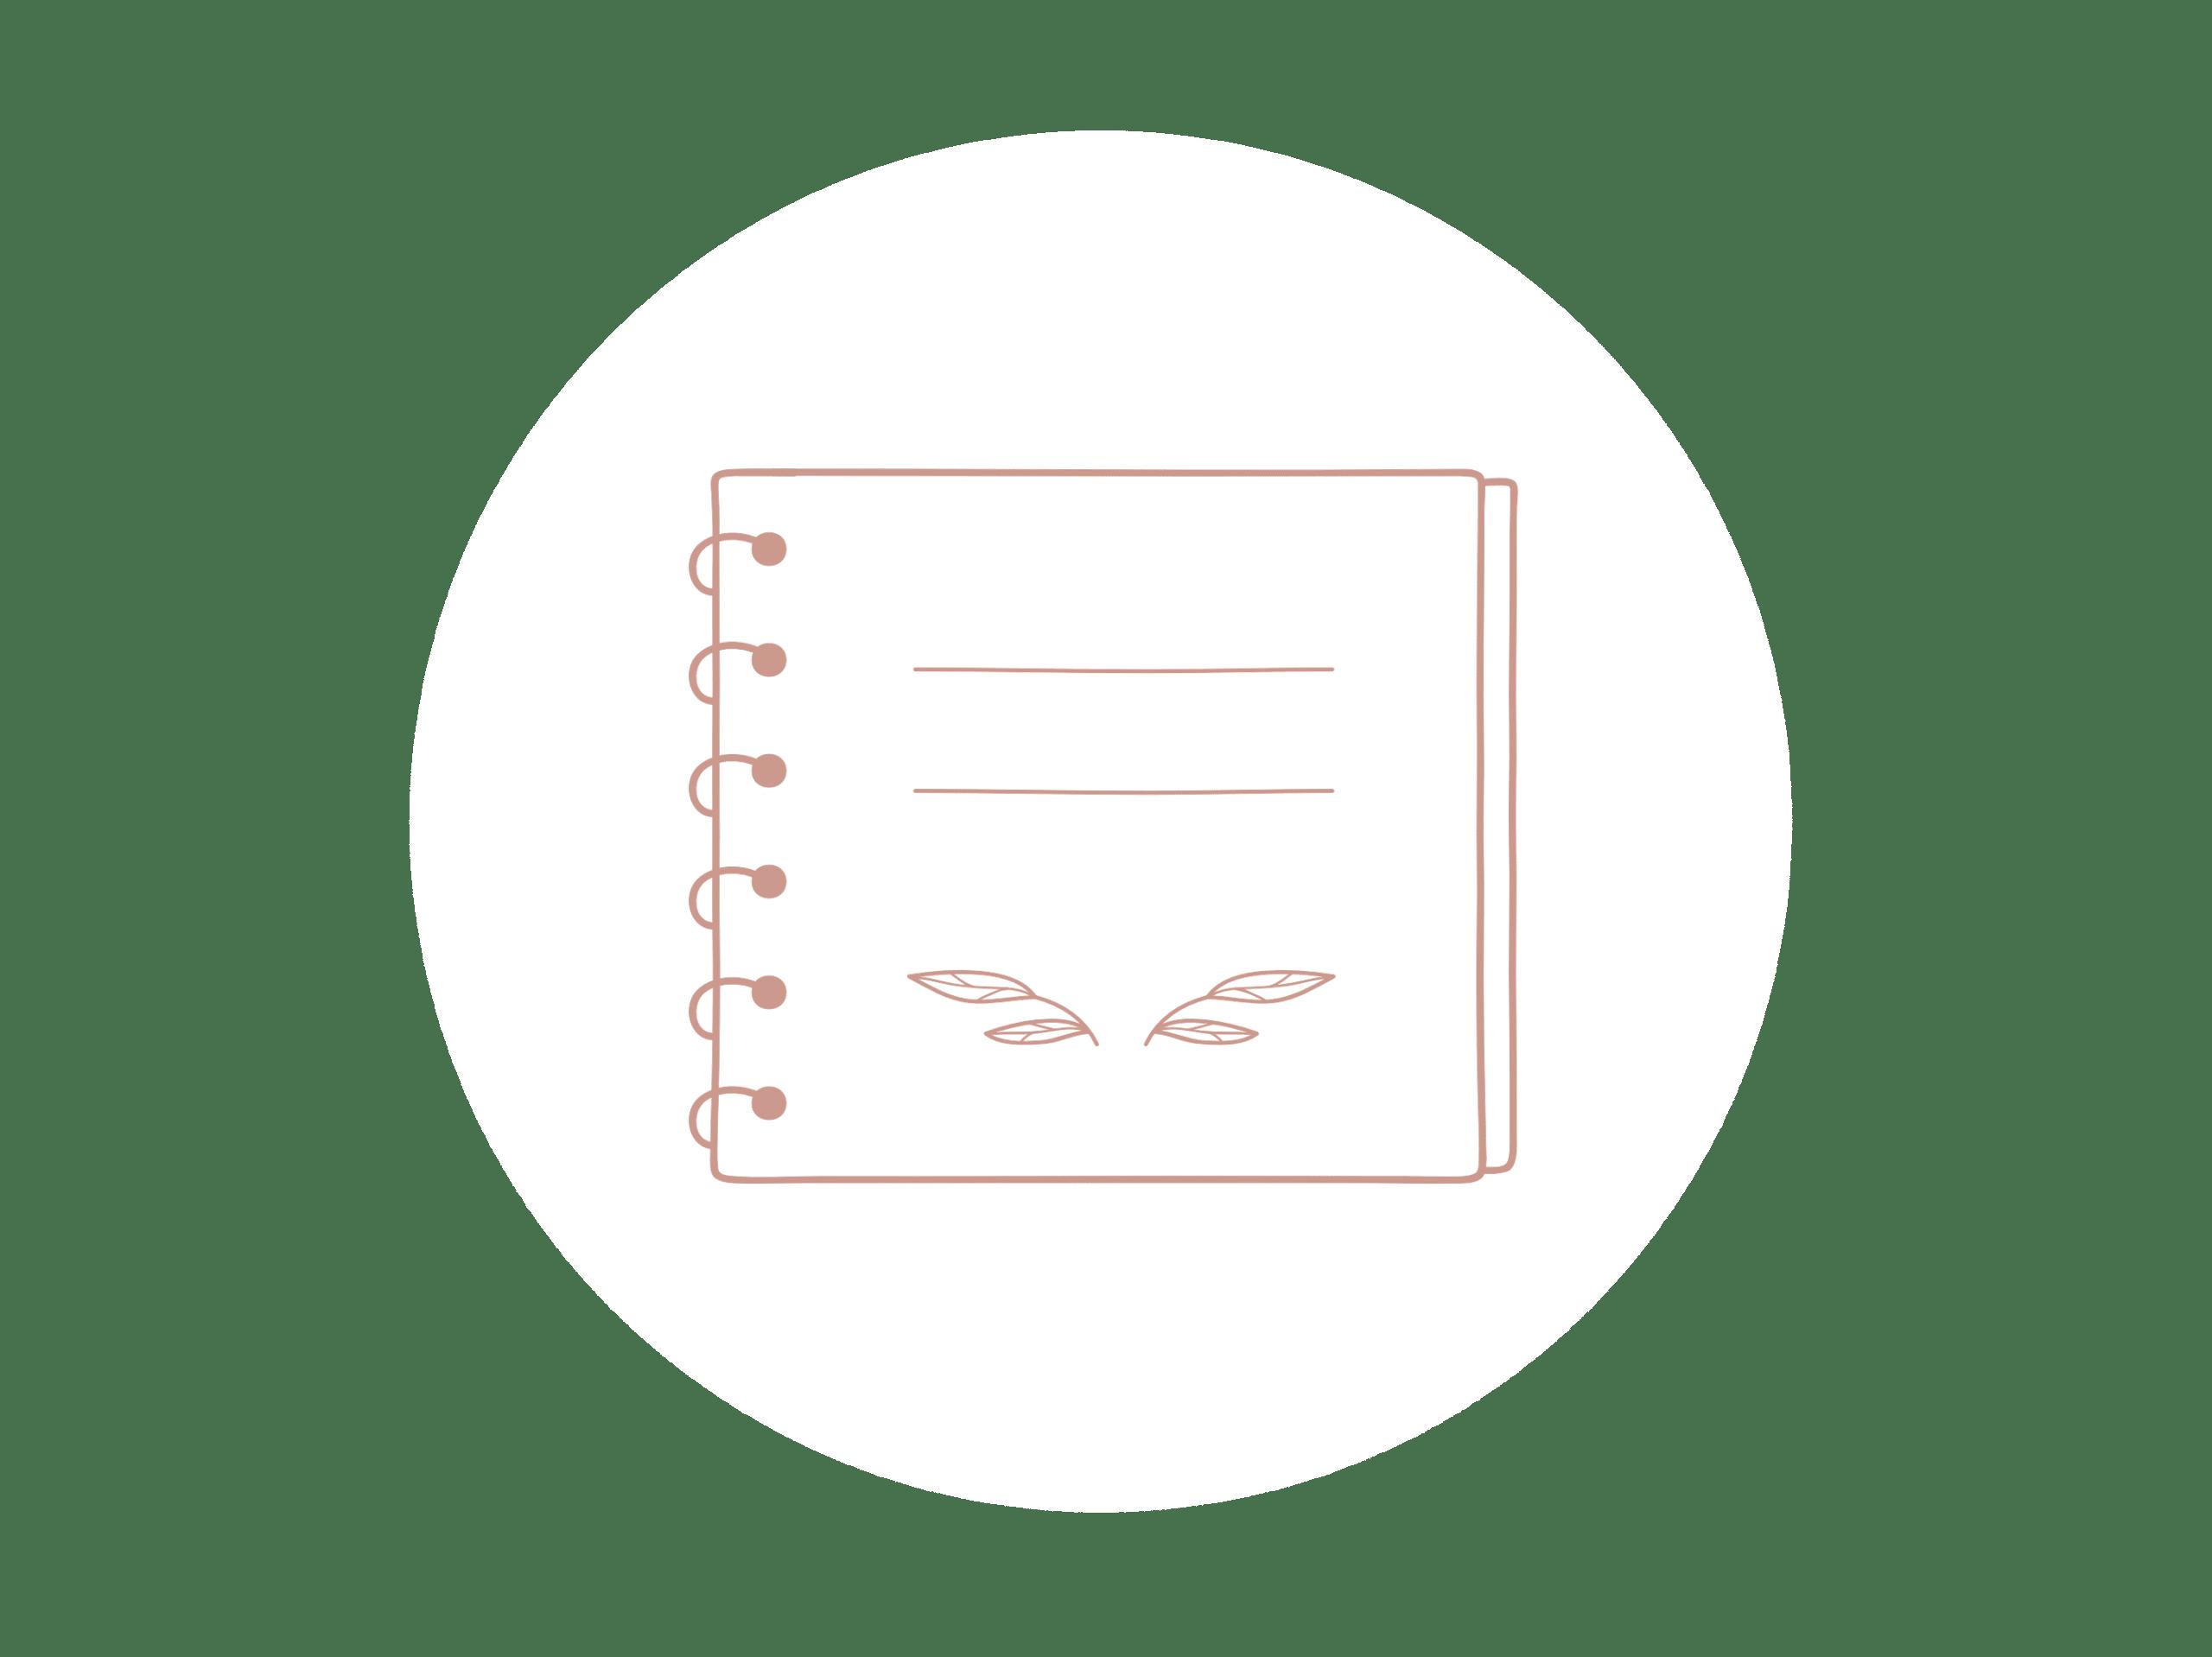 Dessin d'un cahier - supports de communication